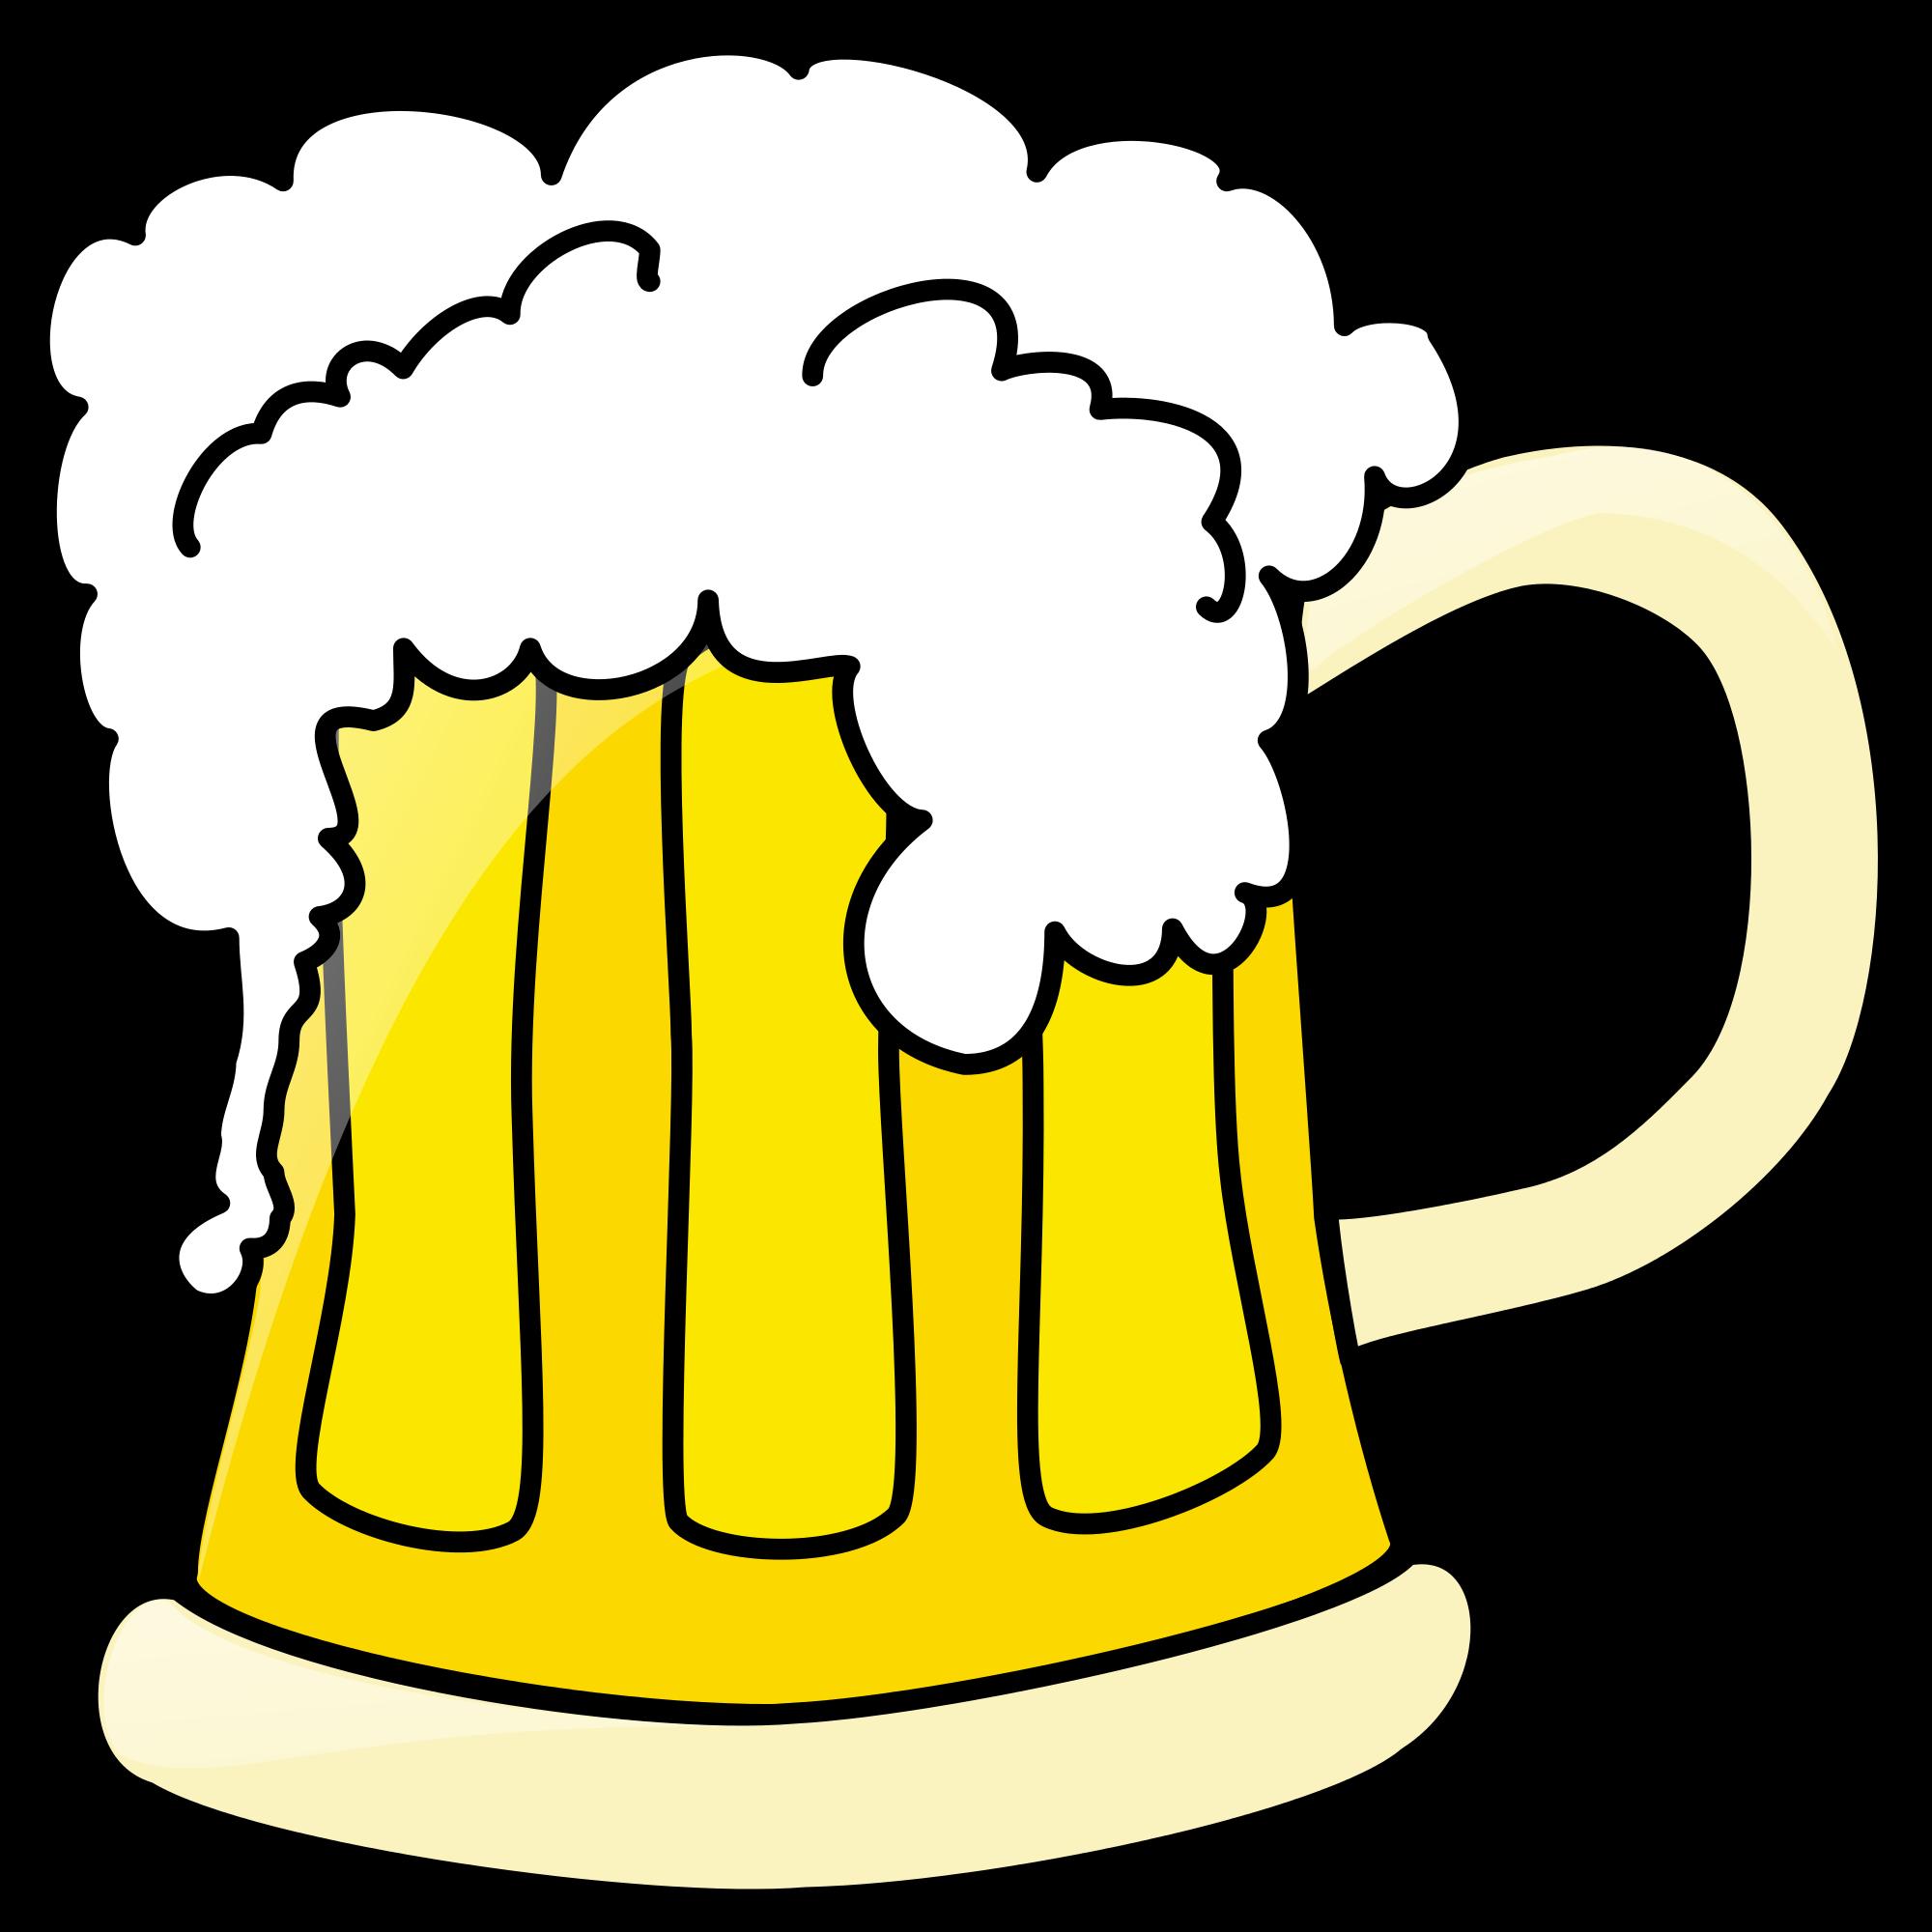 Beer clipart emoji #3